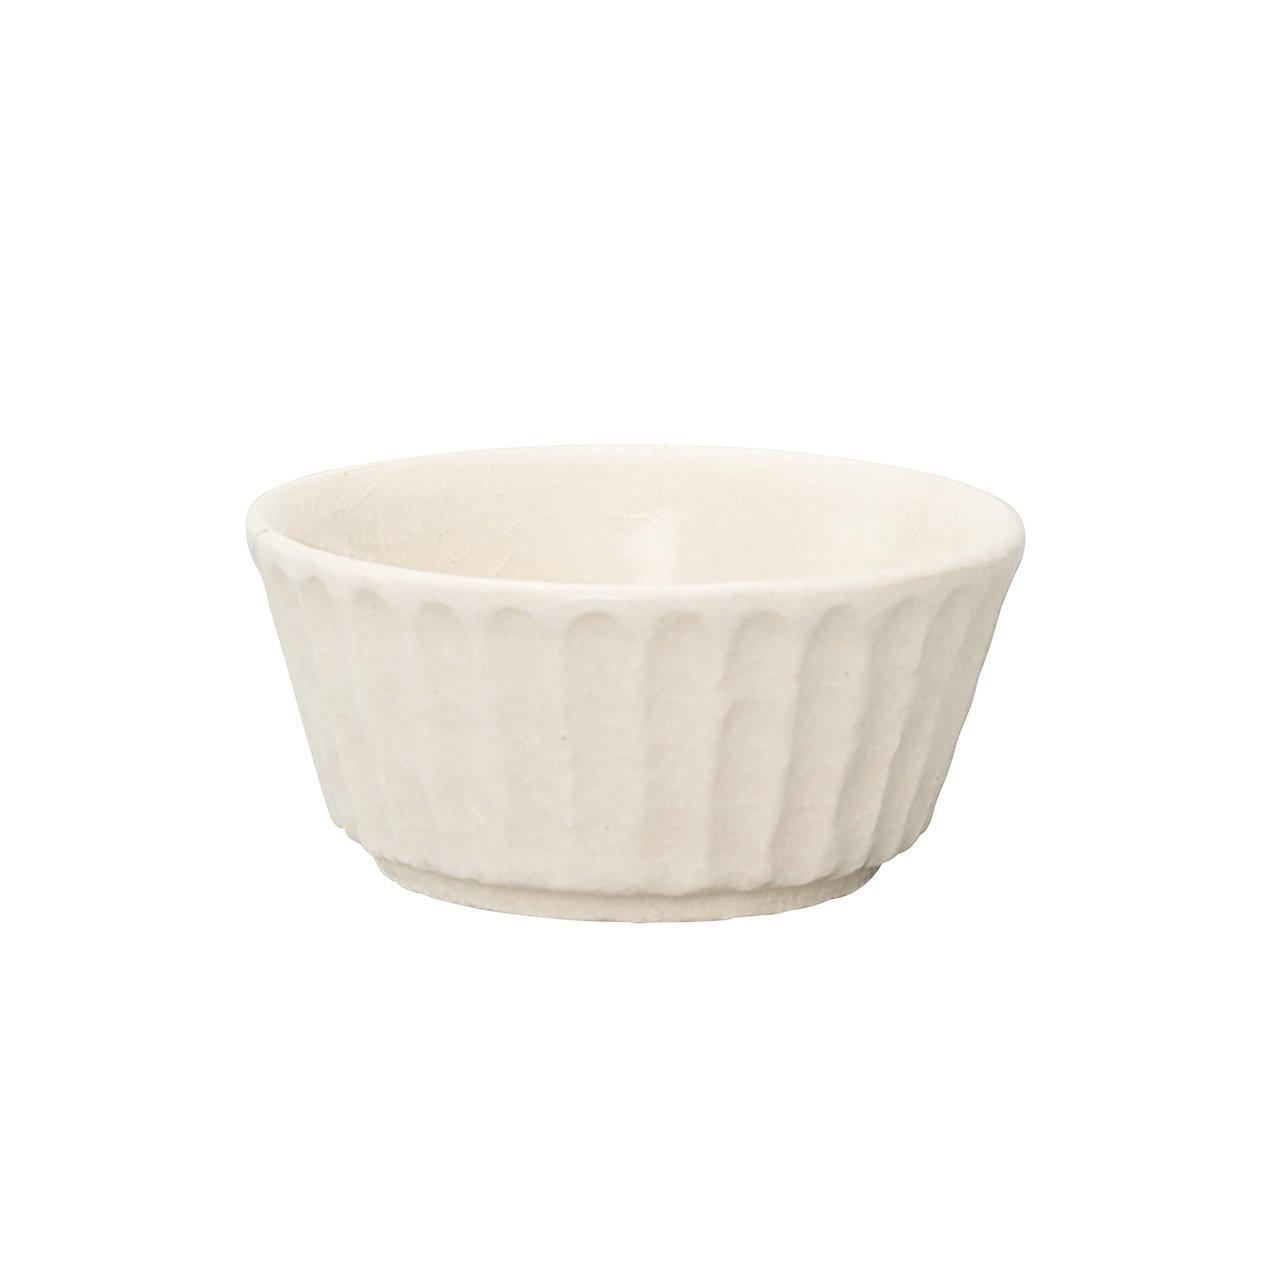 瀬戸焼 伍春窯 そぎ SOGI 小鉢 皿 約9cm 白 127-0409